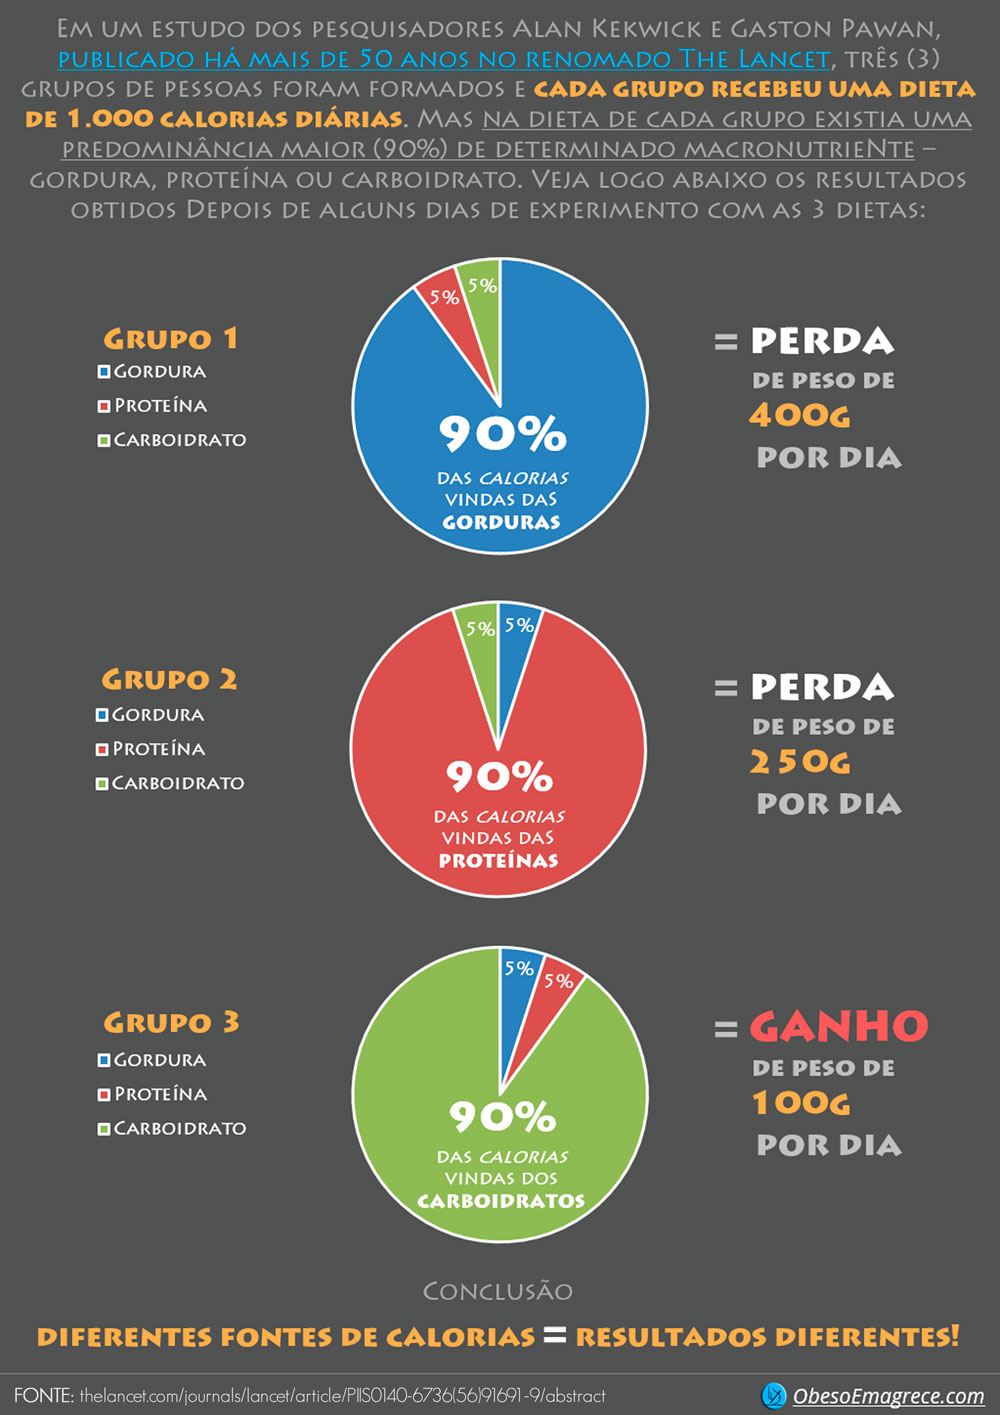 """cardápio low carb para emagrecer - infográfico """"Diferentes Fontes de Calorias = Resultados Diferentes"""" em tamanho grande"""